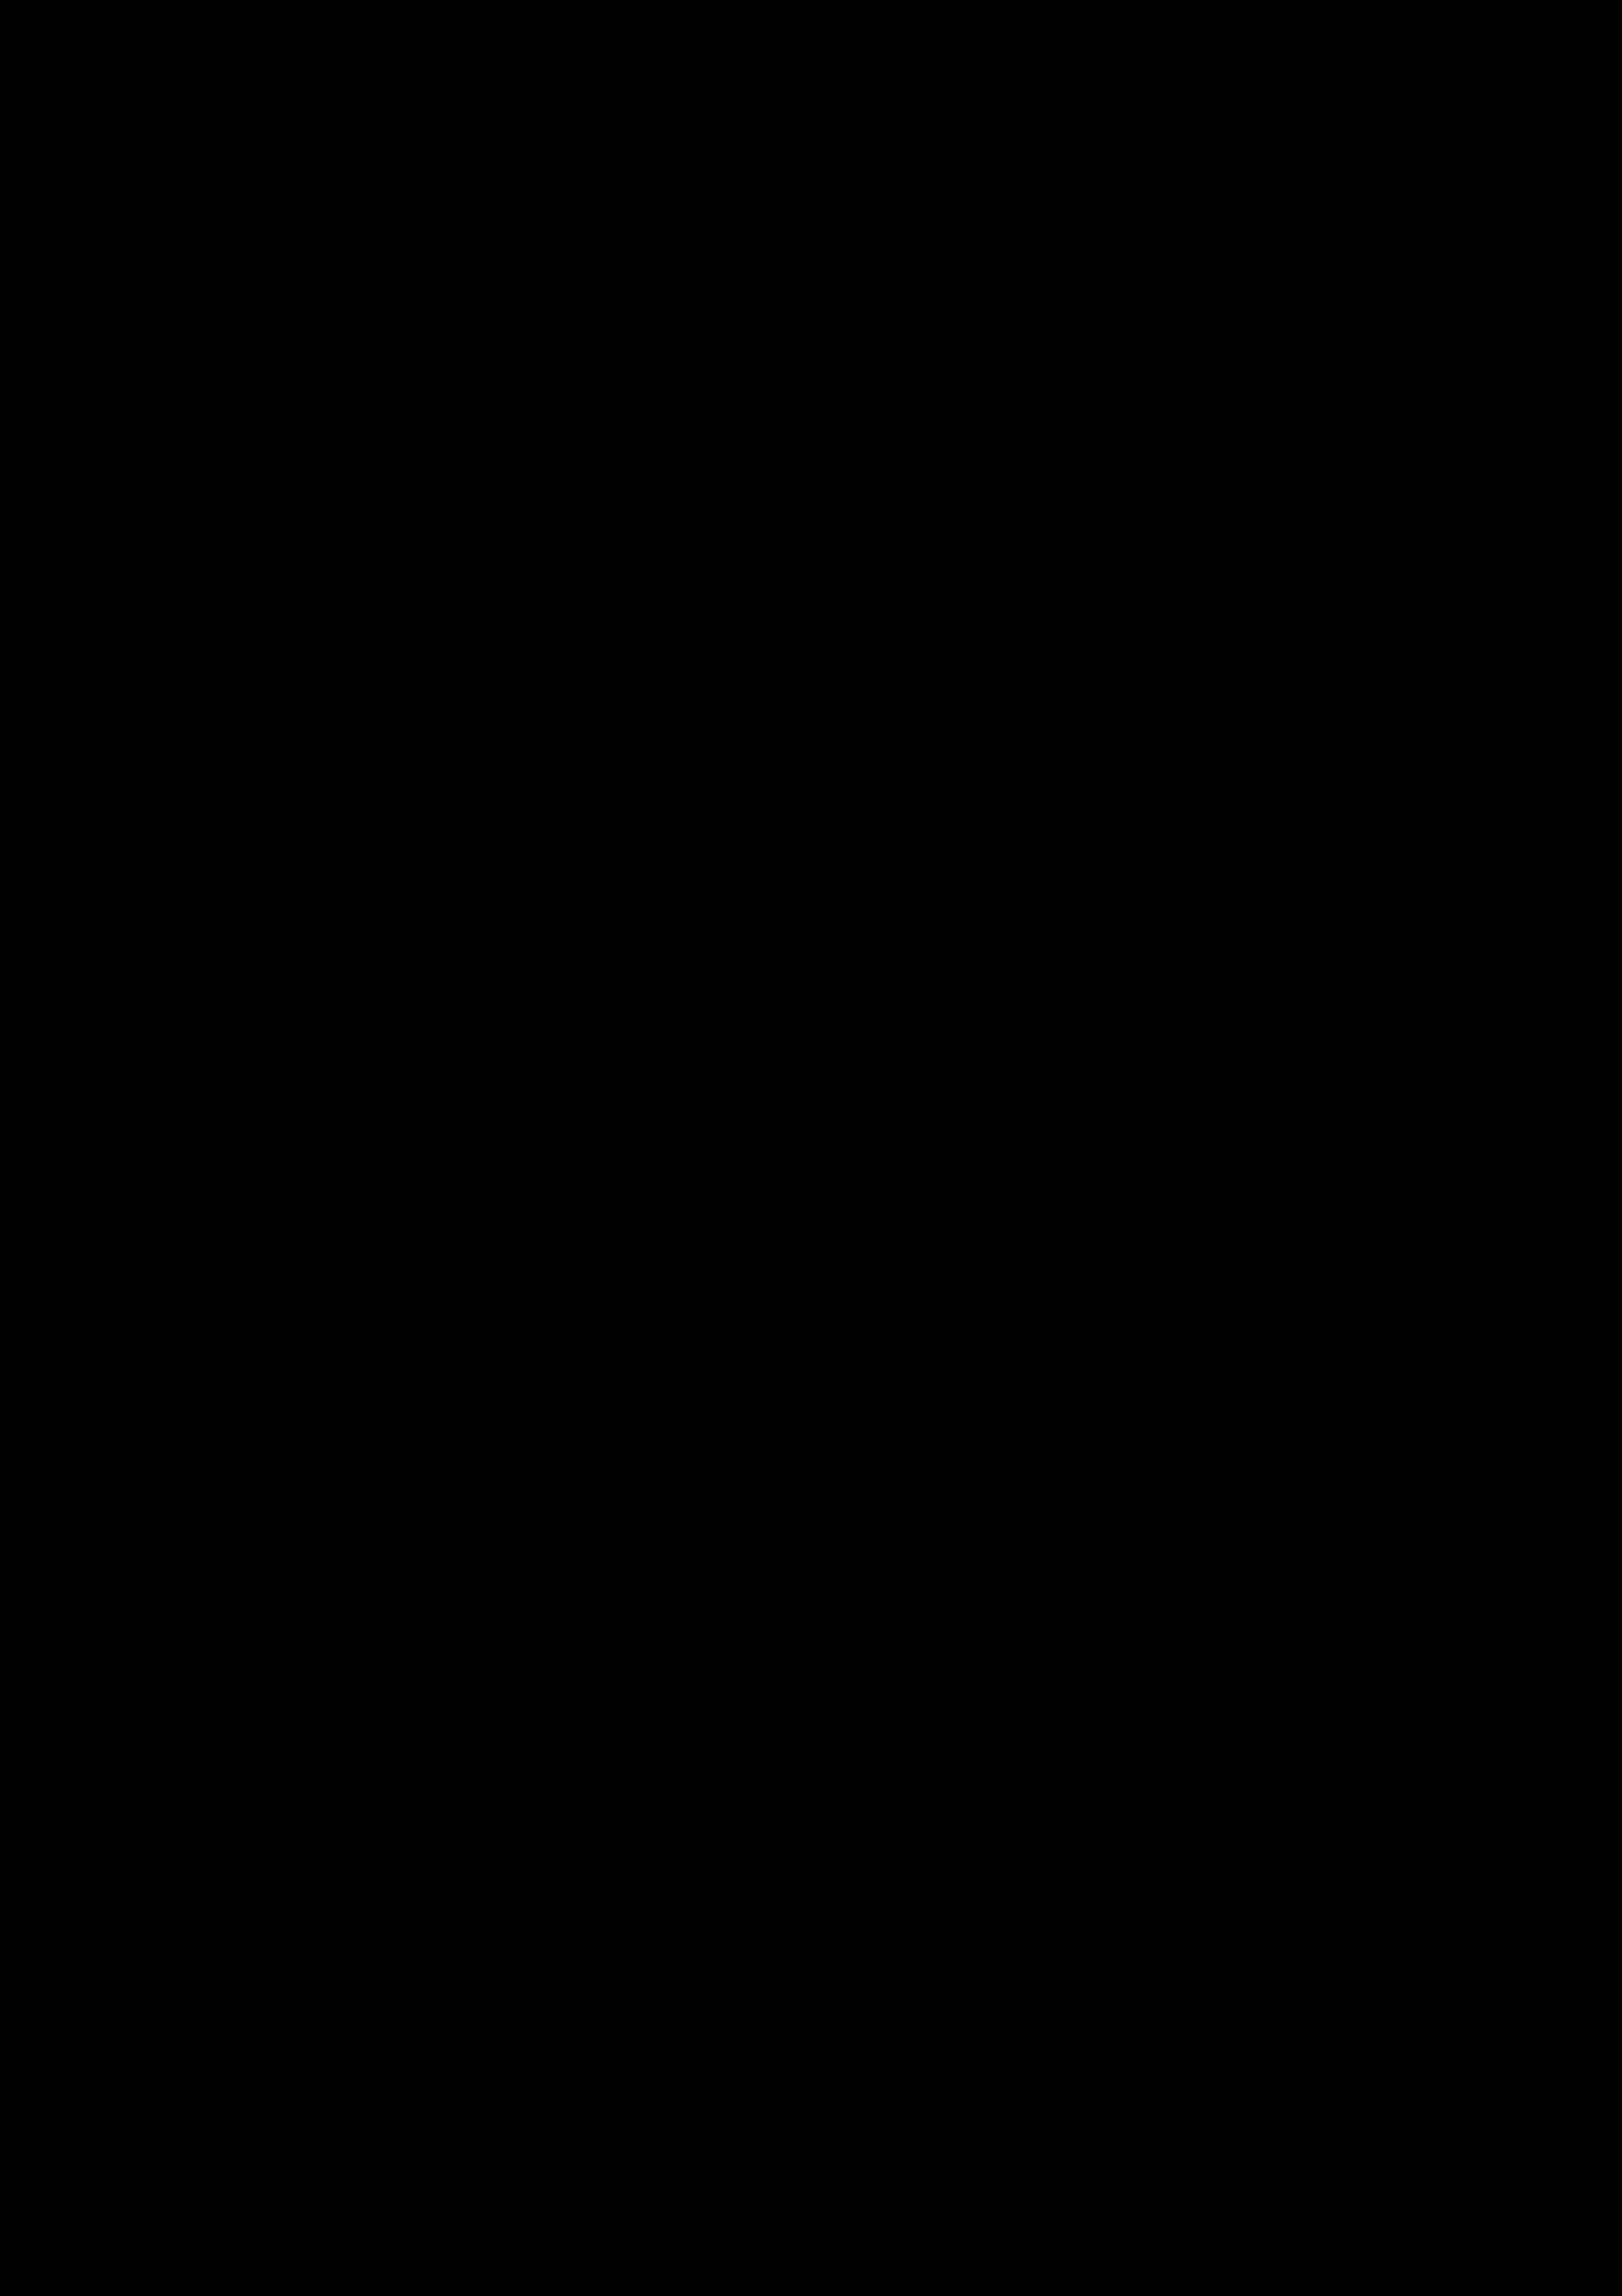 Day Spa Deals 20th Anniversary Promo